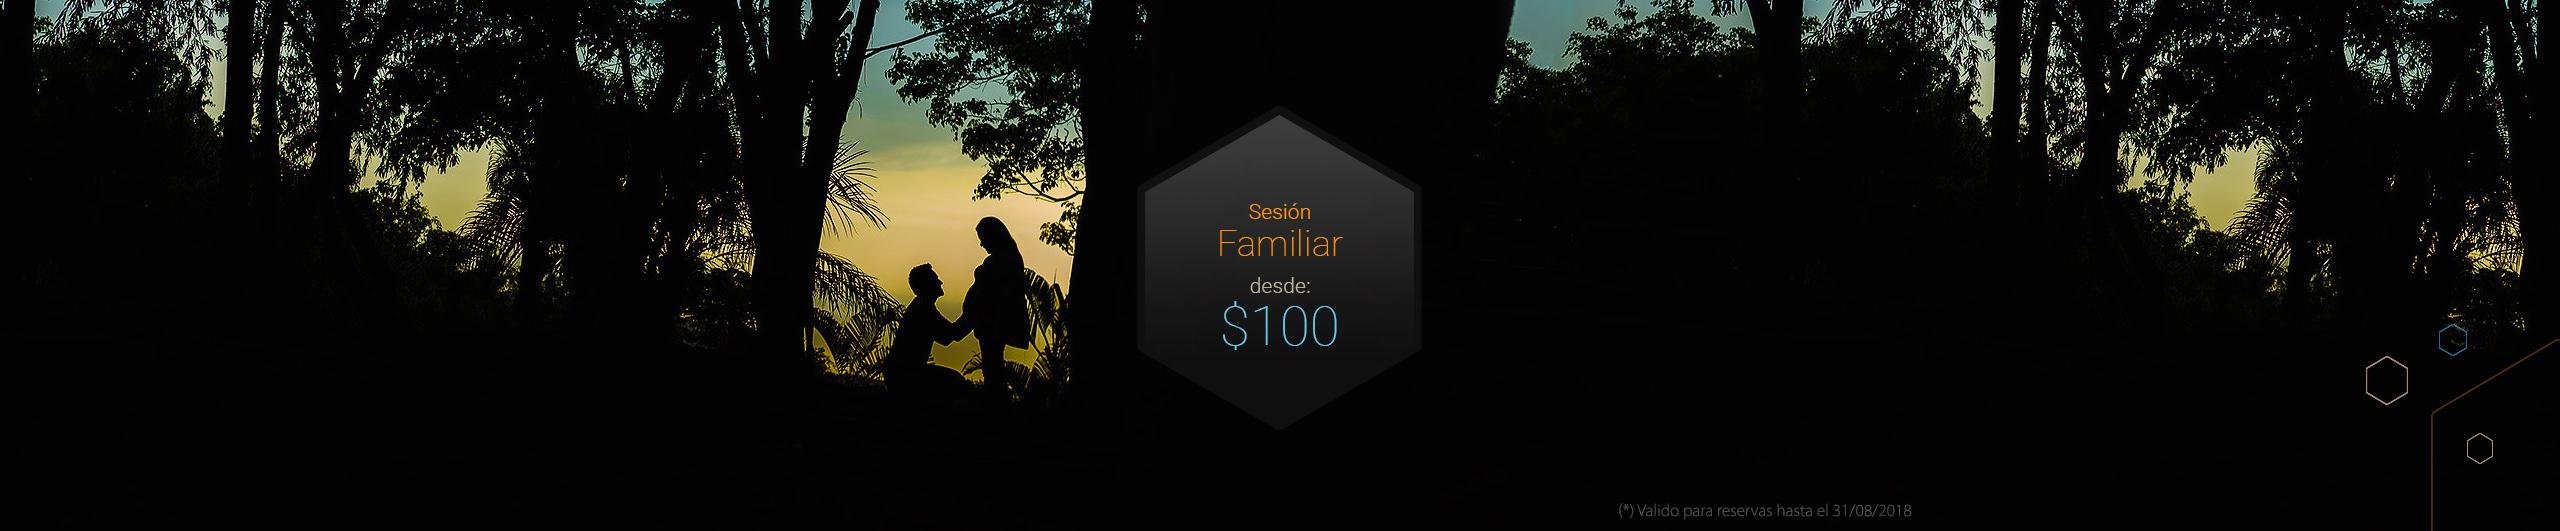 sesion_familiar